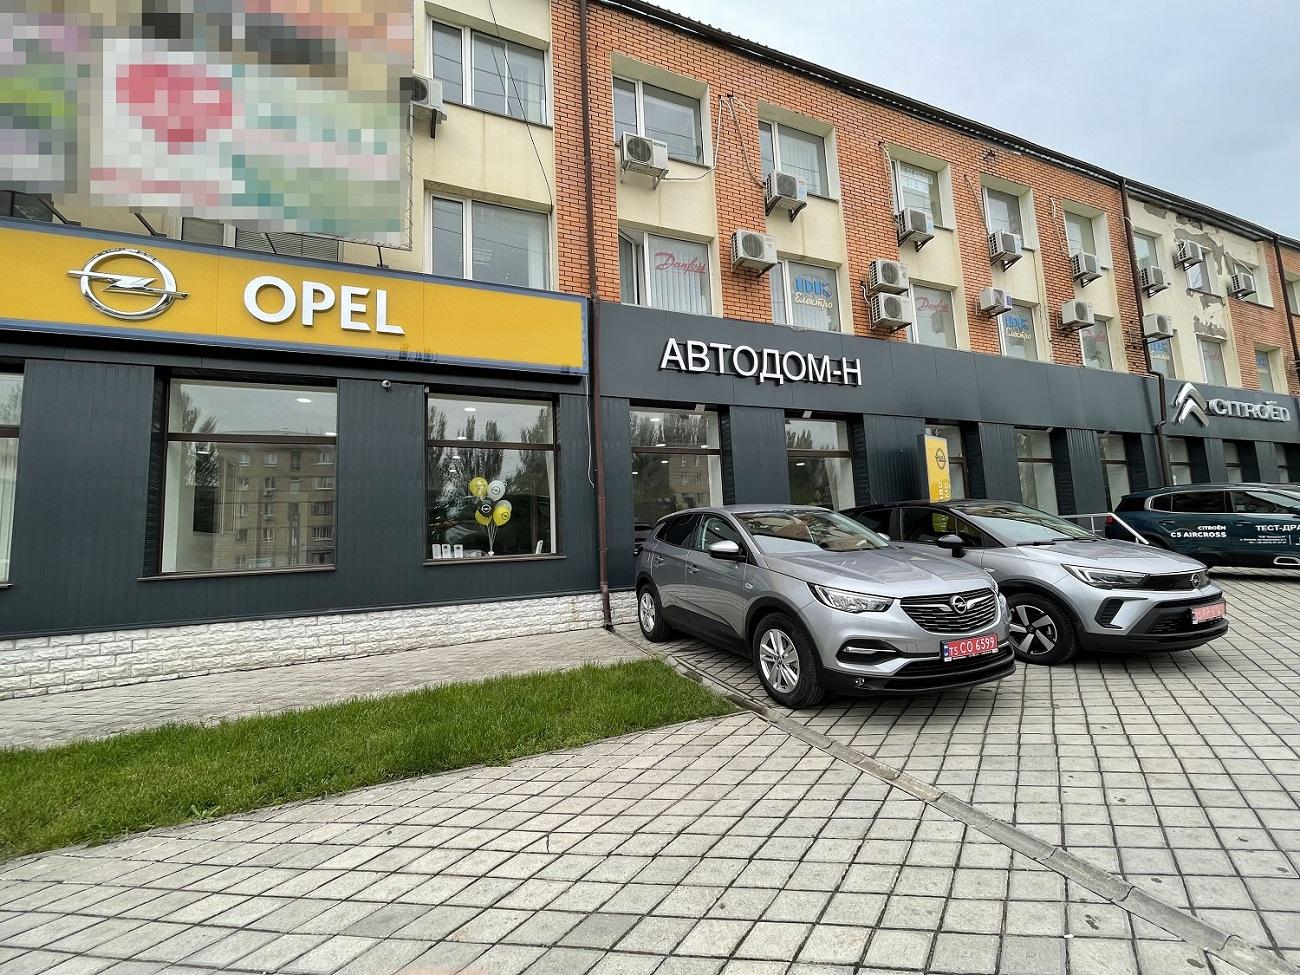 Новый дилер Opel «Автодом-Н» в Николаеве